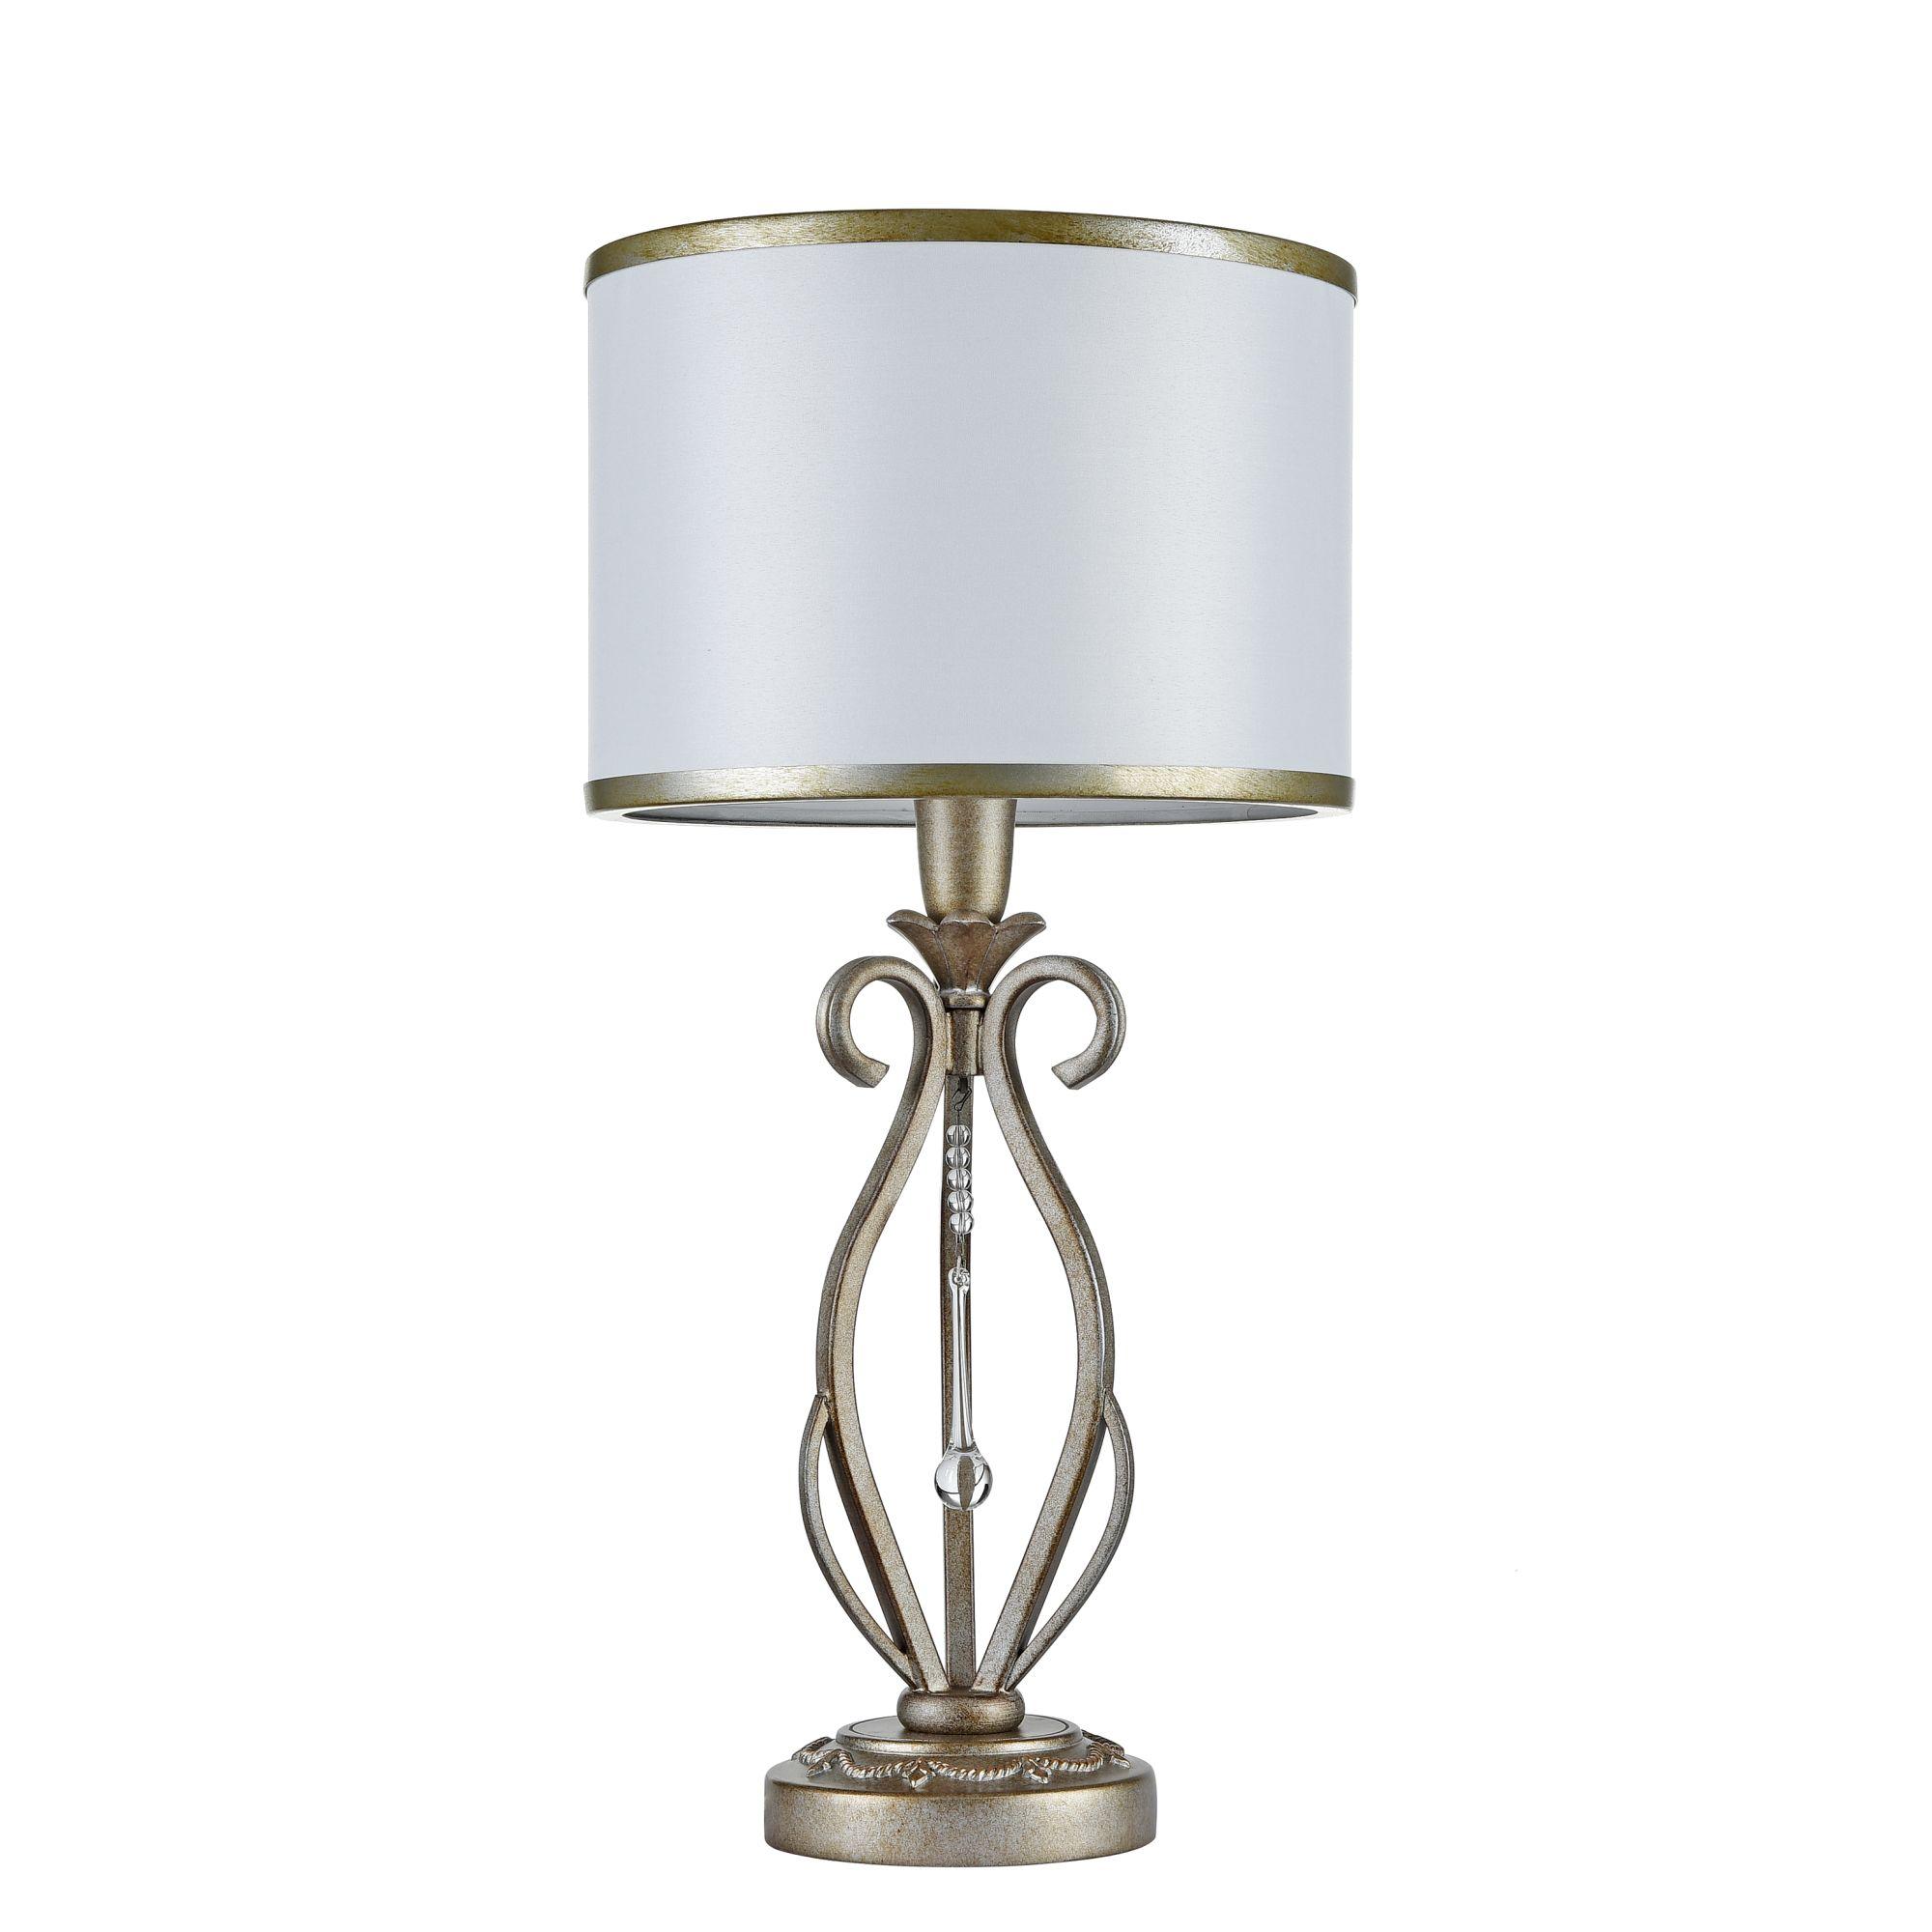 Настольная лампа Maytoni H235-TL-01-G Золото Антик 1хE14х40W настольная лампа maytoni h235 tl 01 g